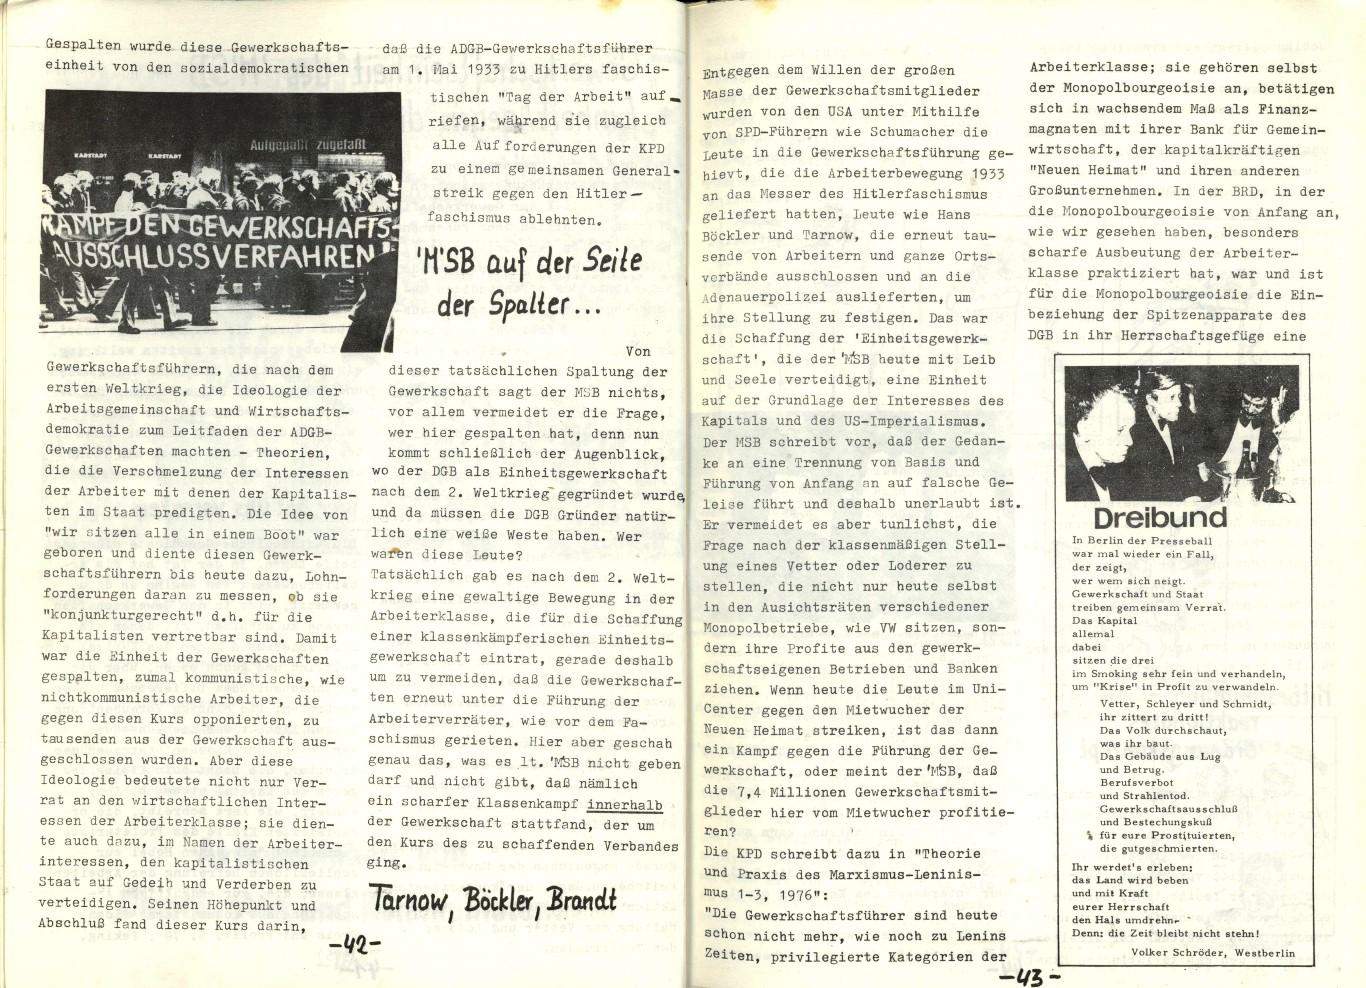 NRW_KSV_1977_Doku_zu_den_AStA_Wahlen_Nr_2_22